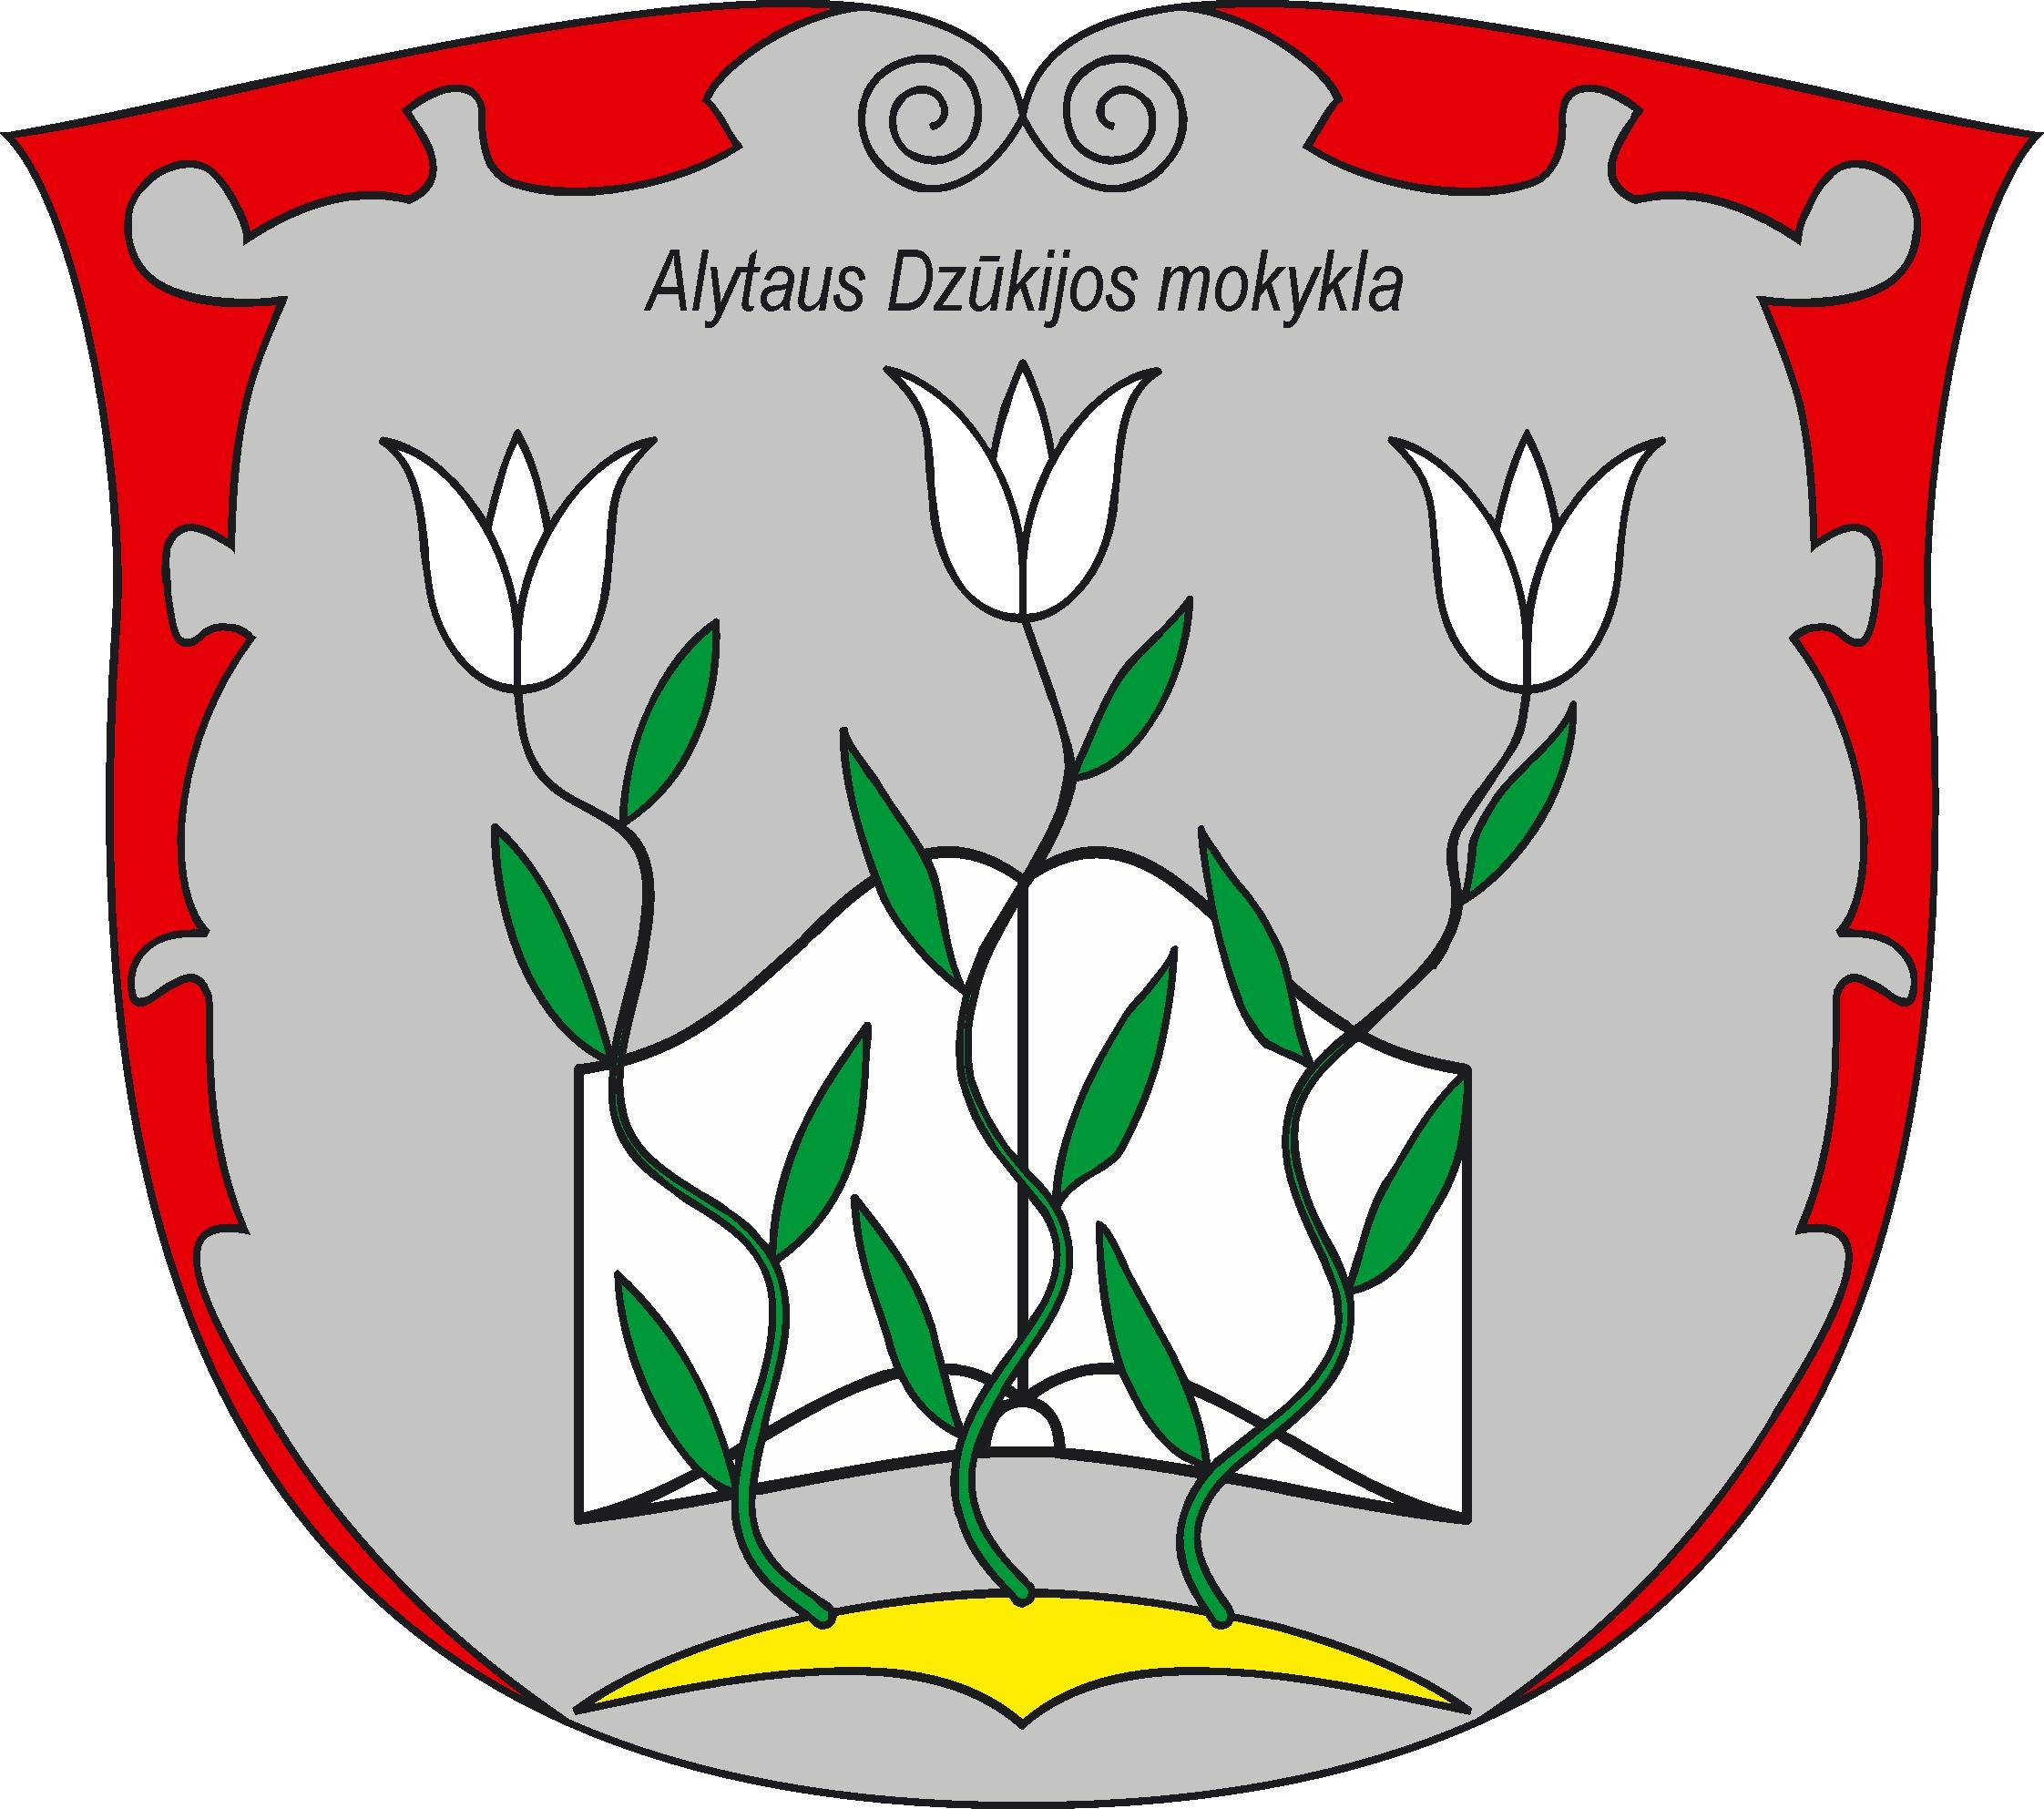 Dzukijos mokykla_herbas2